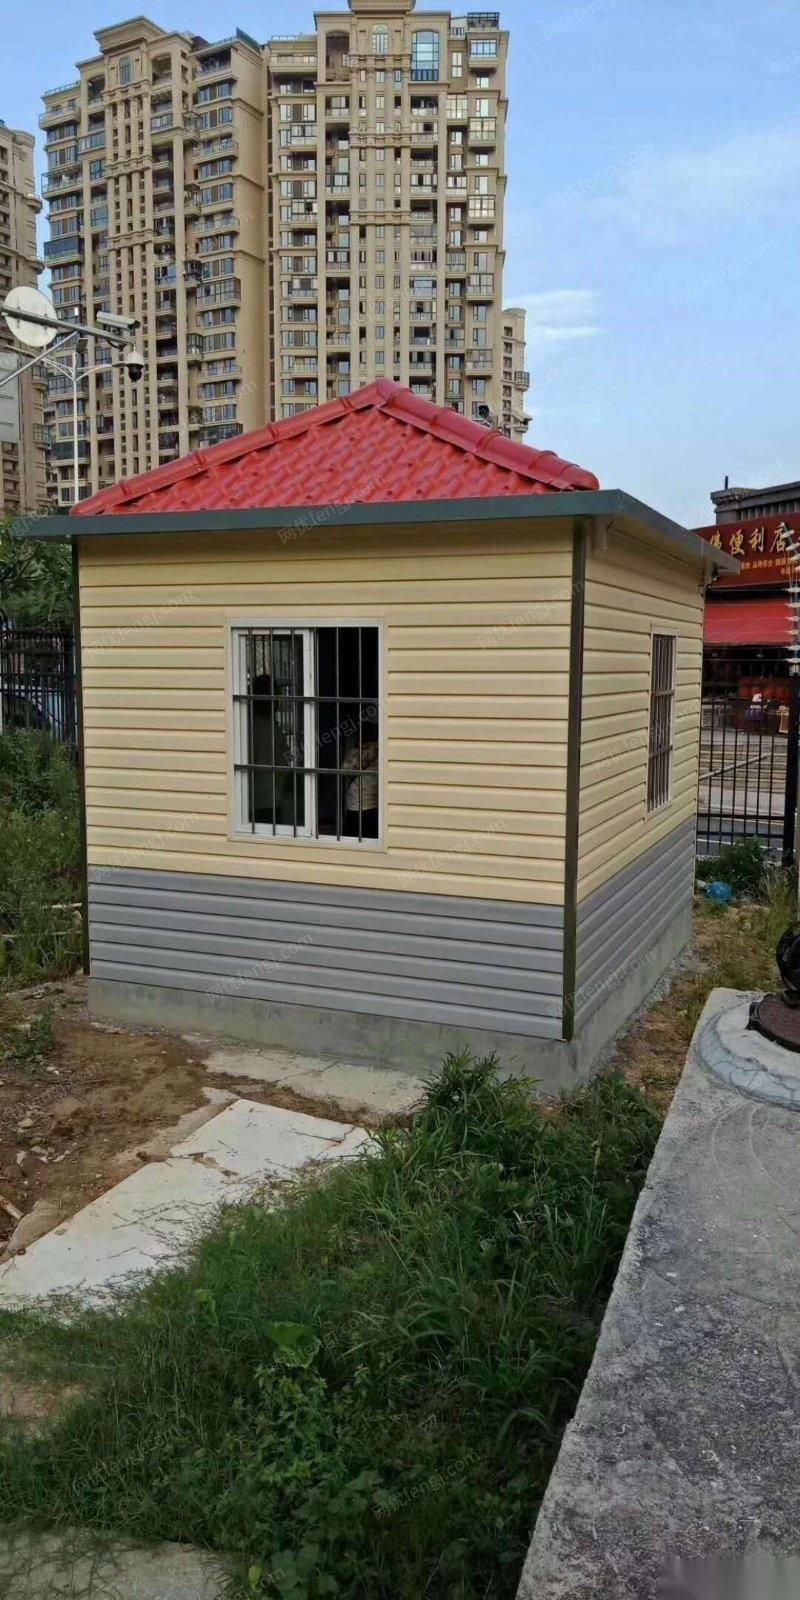 福建漳州出售厦门二手住人集装箱打包箱移动式集装箱活动房